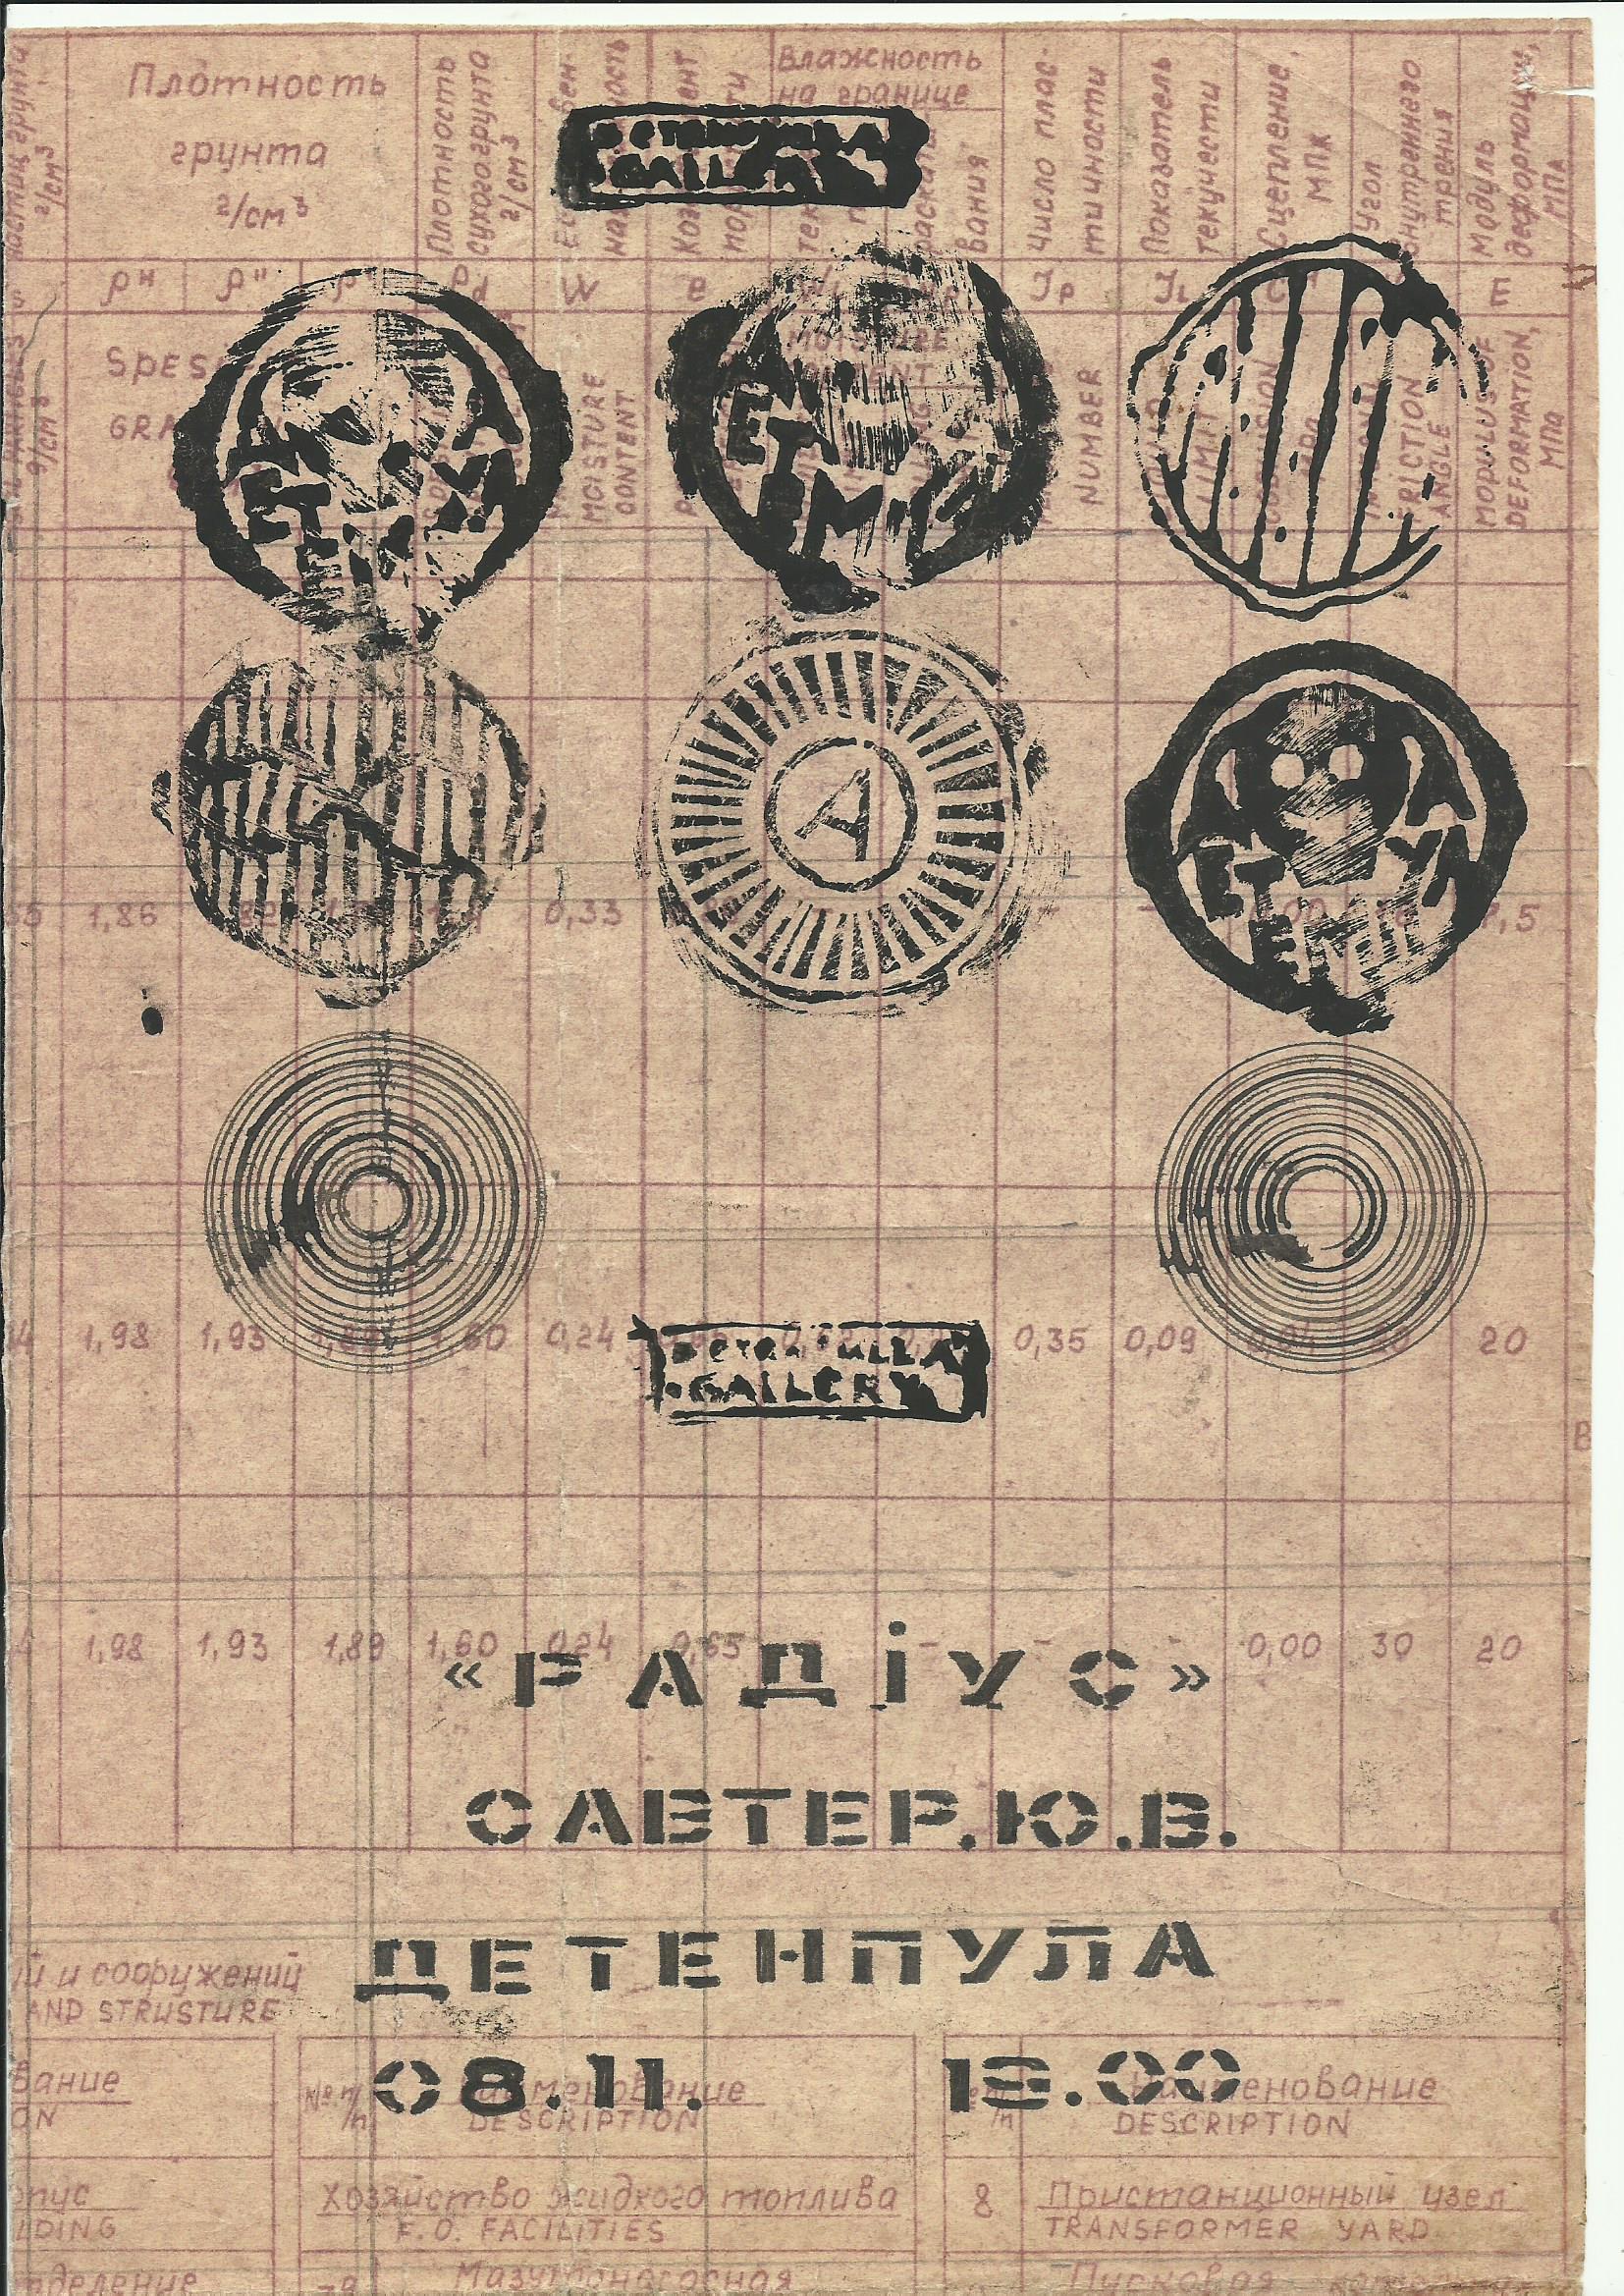 Афіша до виставки Юрія Савтера «Радіус». Автор плакату Юрій Білей